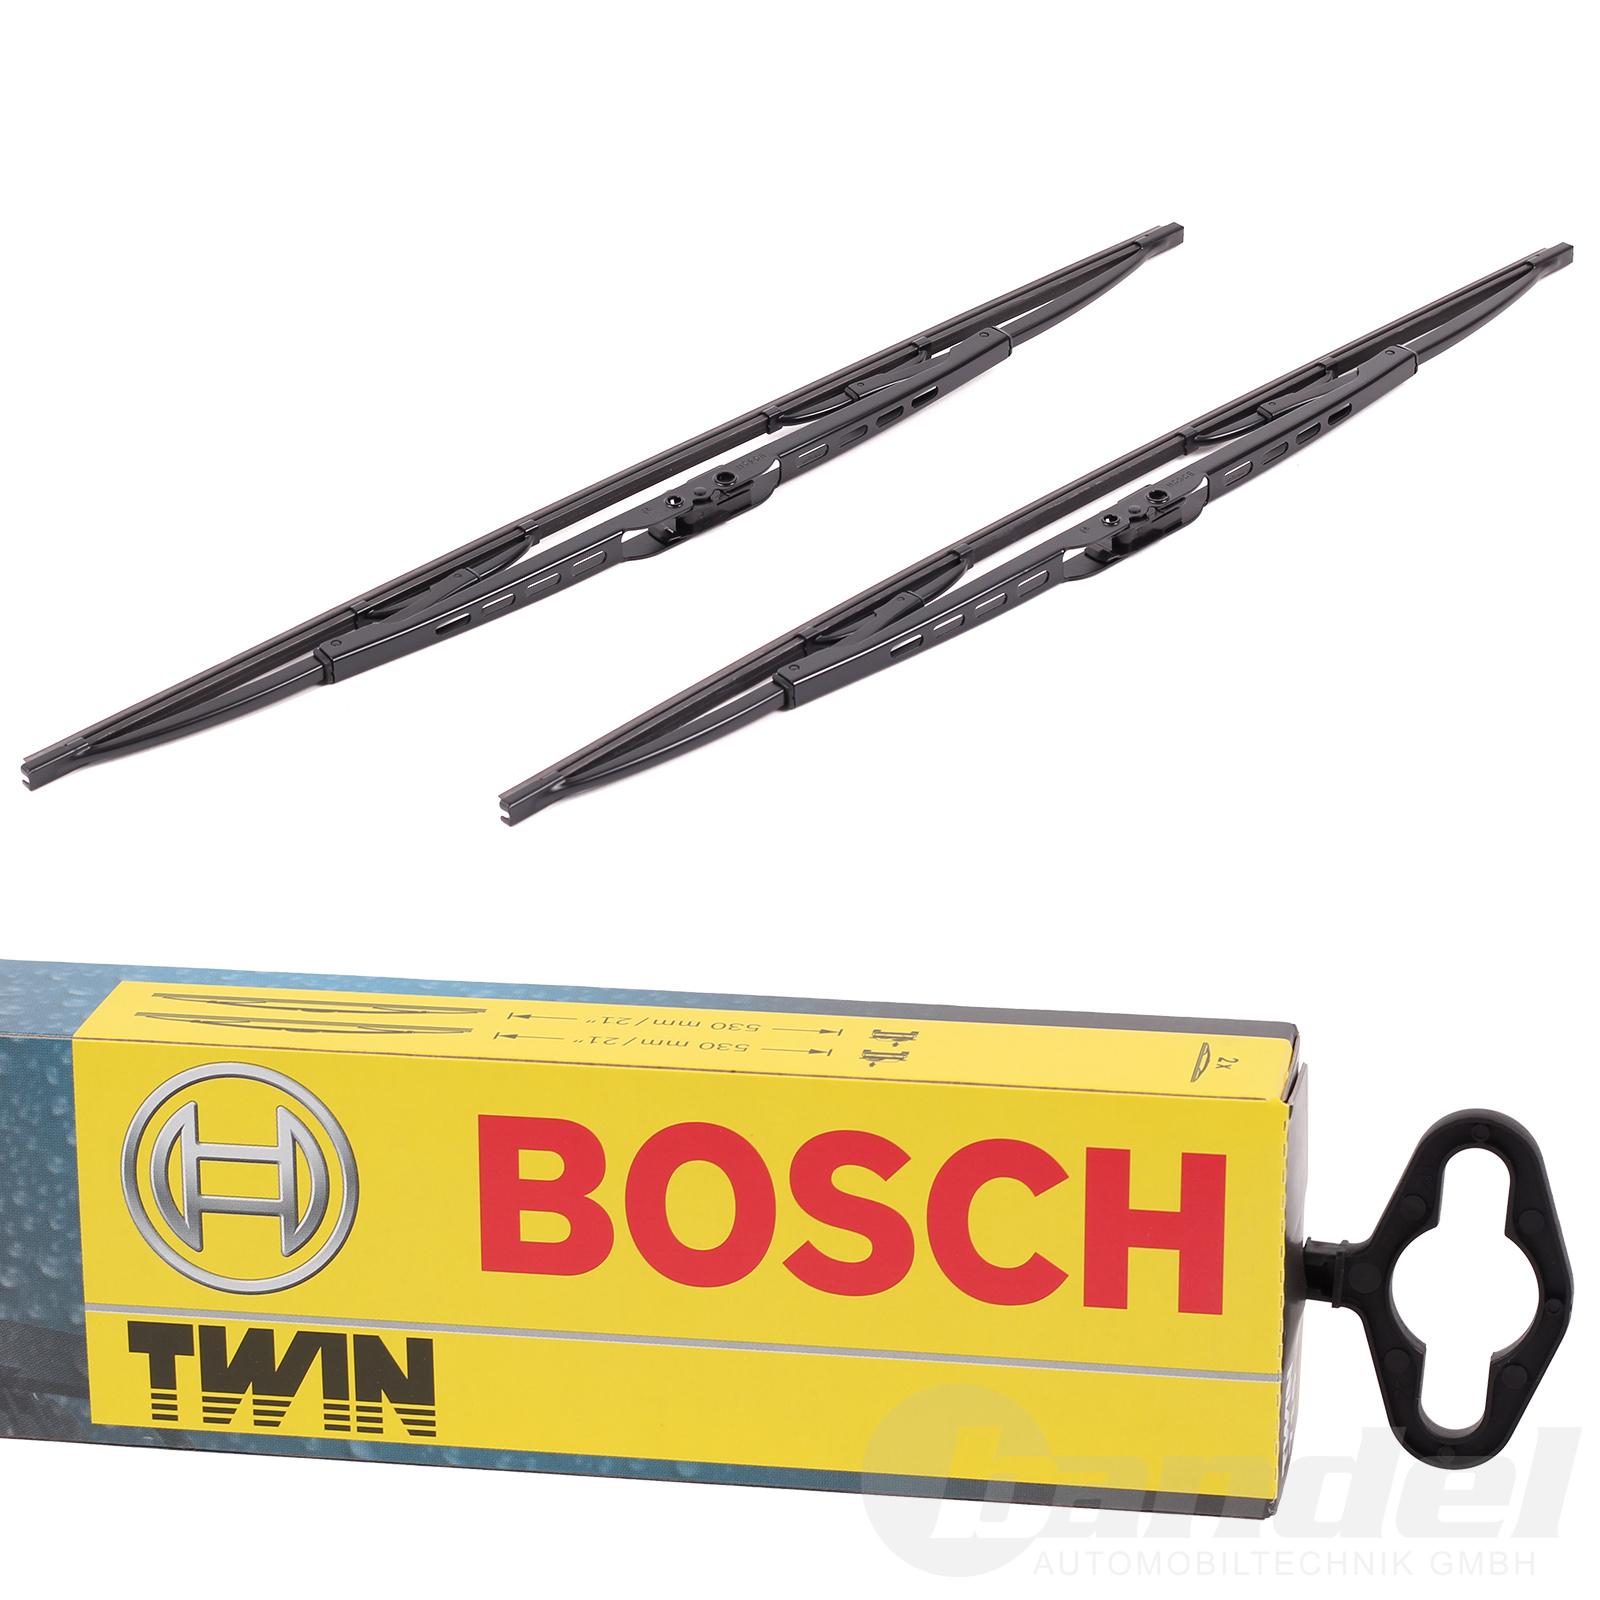 bosch twin scheibenwischer vorne 531 530 450mm nissan. Black Bedroom Furniture Sets. Home Design Ideas